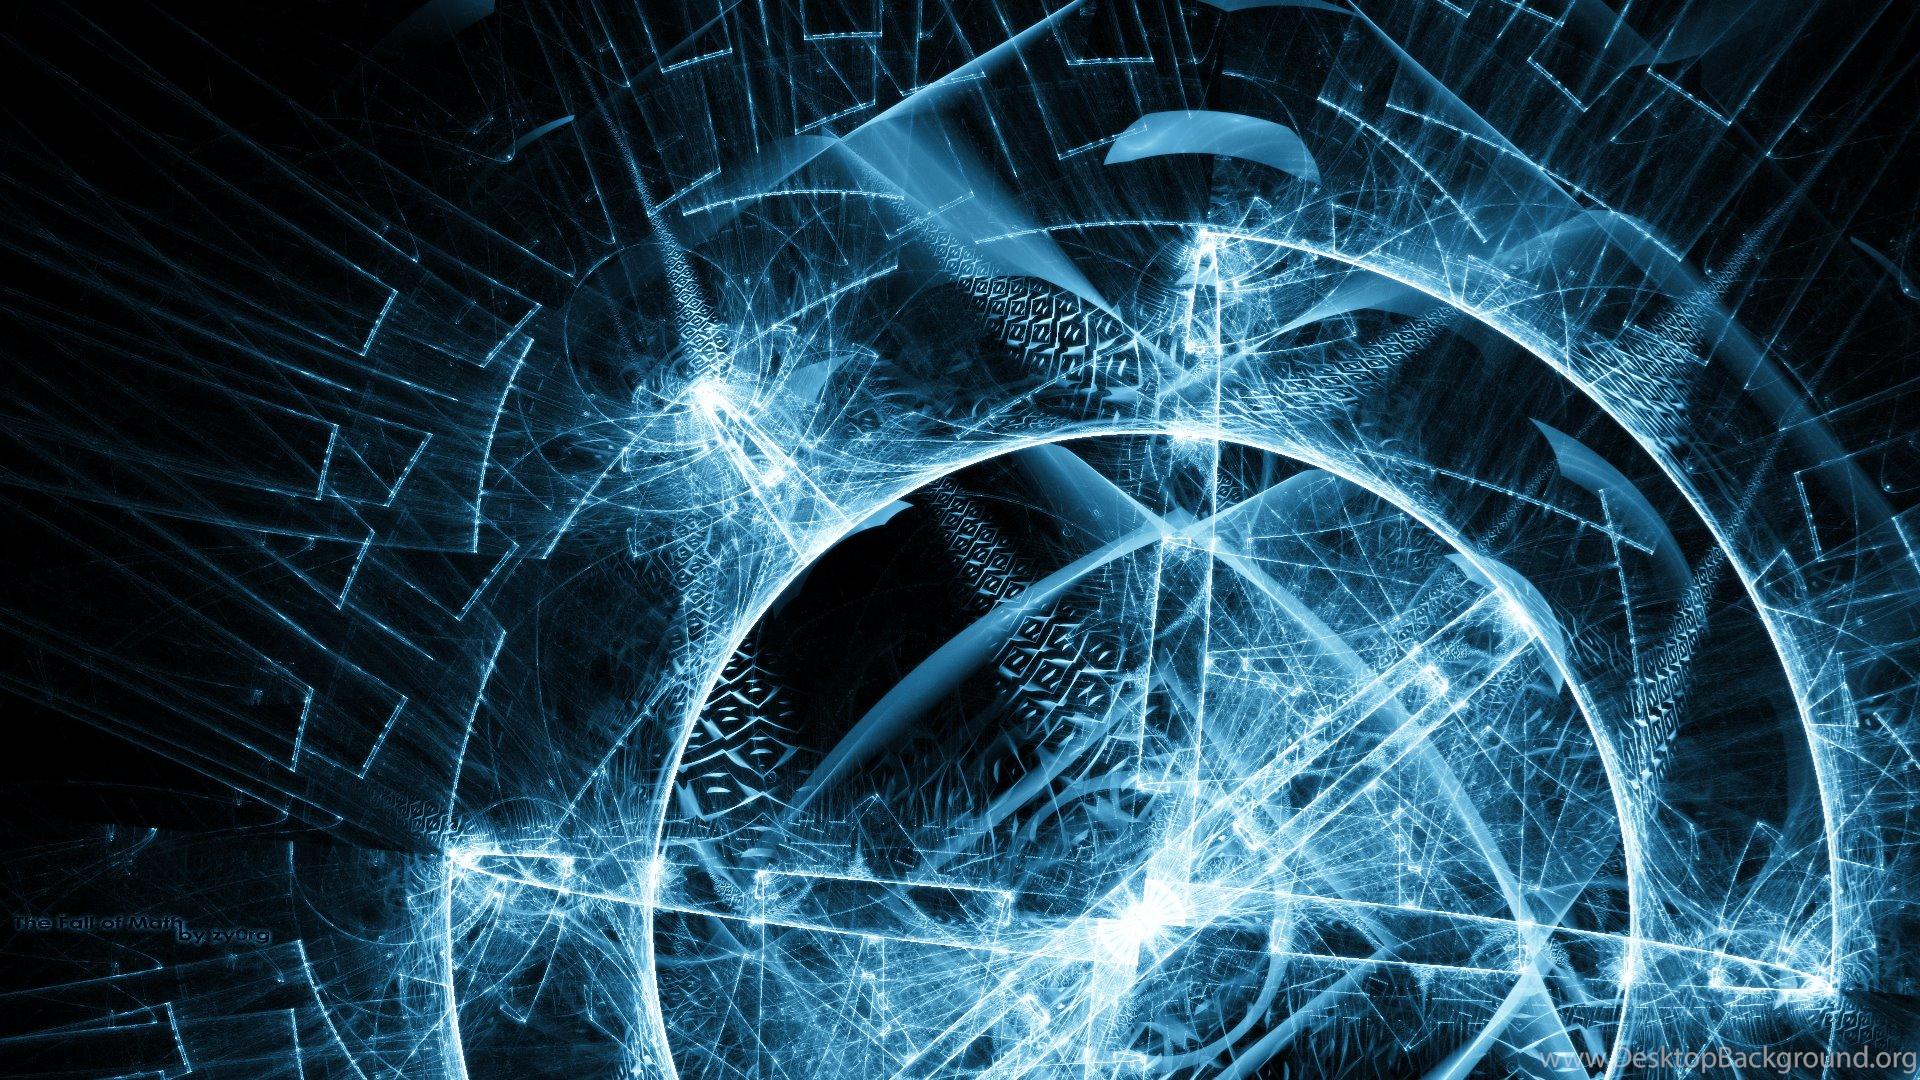 Glows In The Dark By Zy0rg On DeviantArt Desktop Background